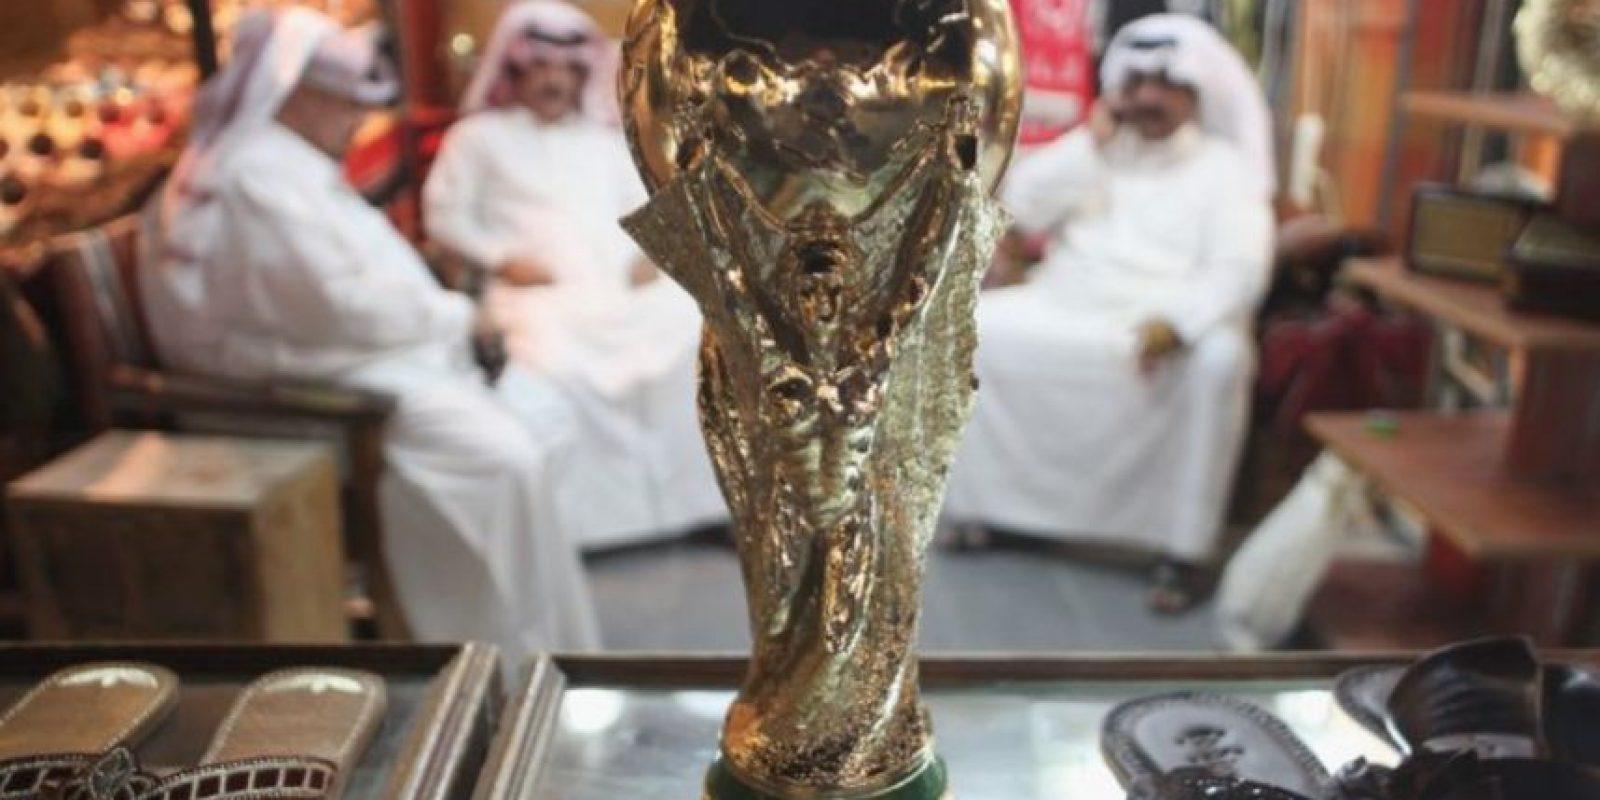 Entre los escándalos que sacuden a la FIFA en los últimos meses, se encuentran acusaciones de corrupción en la designación de las sedes mundialistas. Foto:AFP